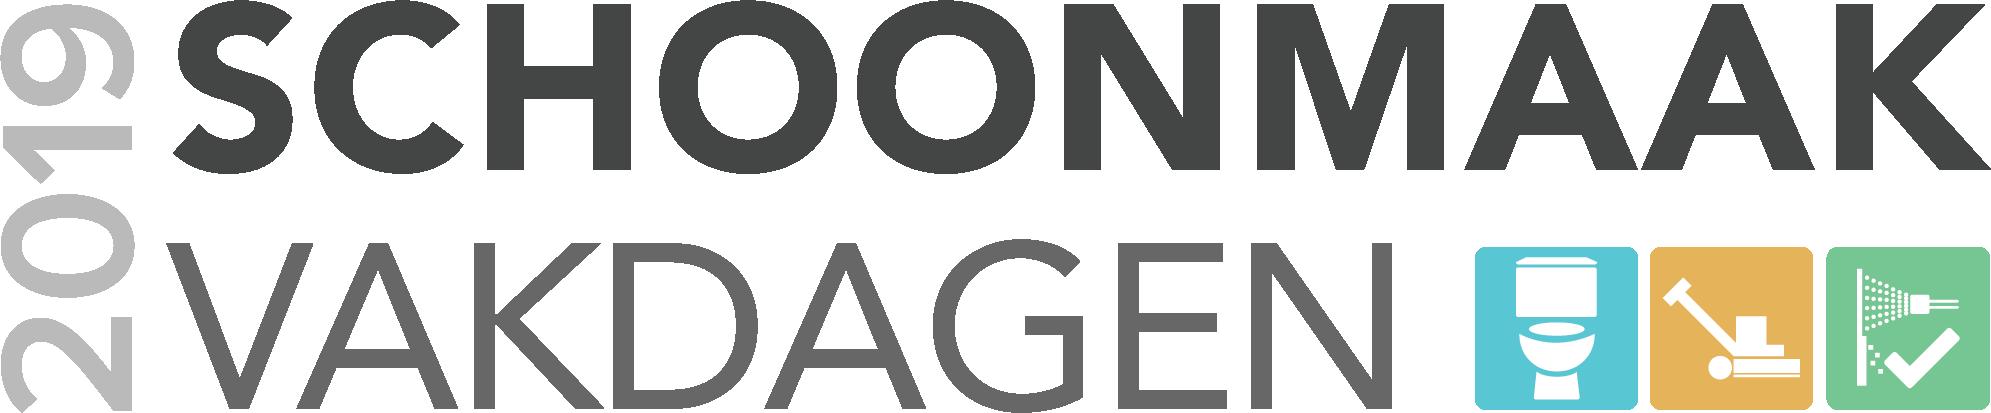 Logo Schoonmaak Vakdagen 2019